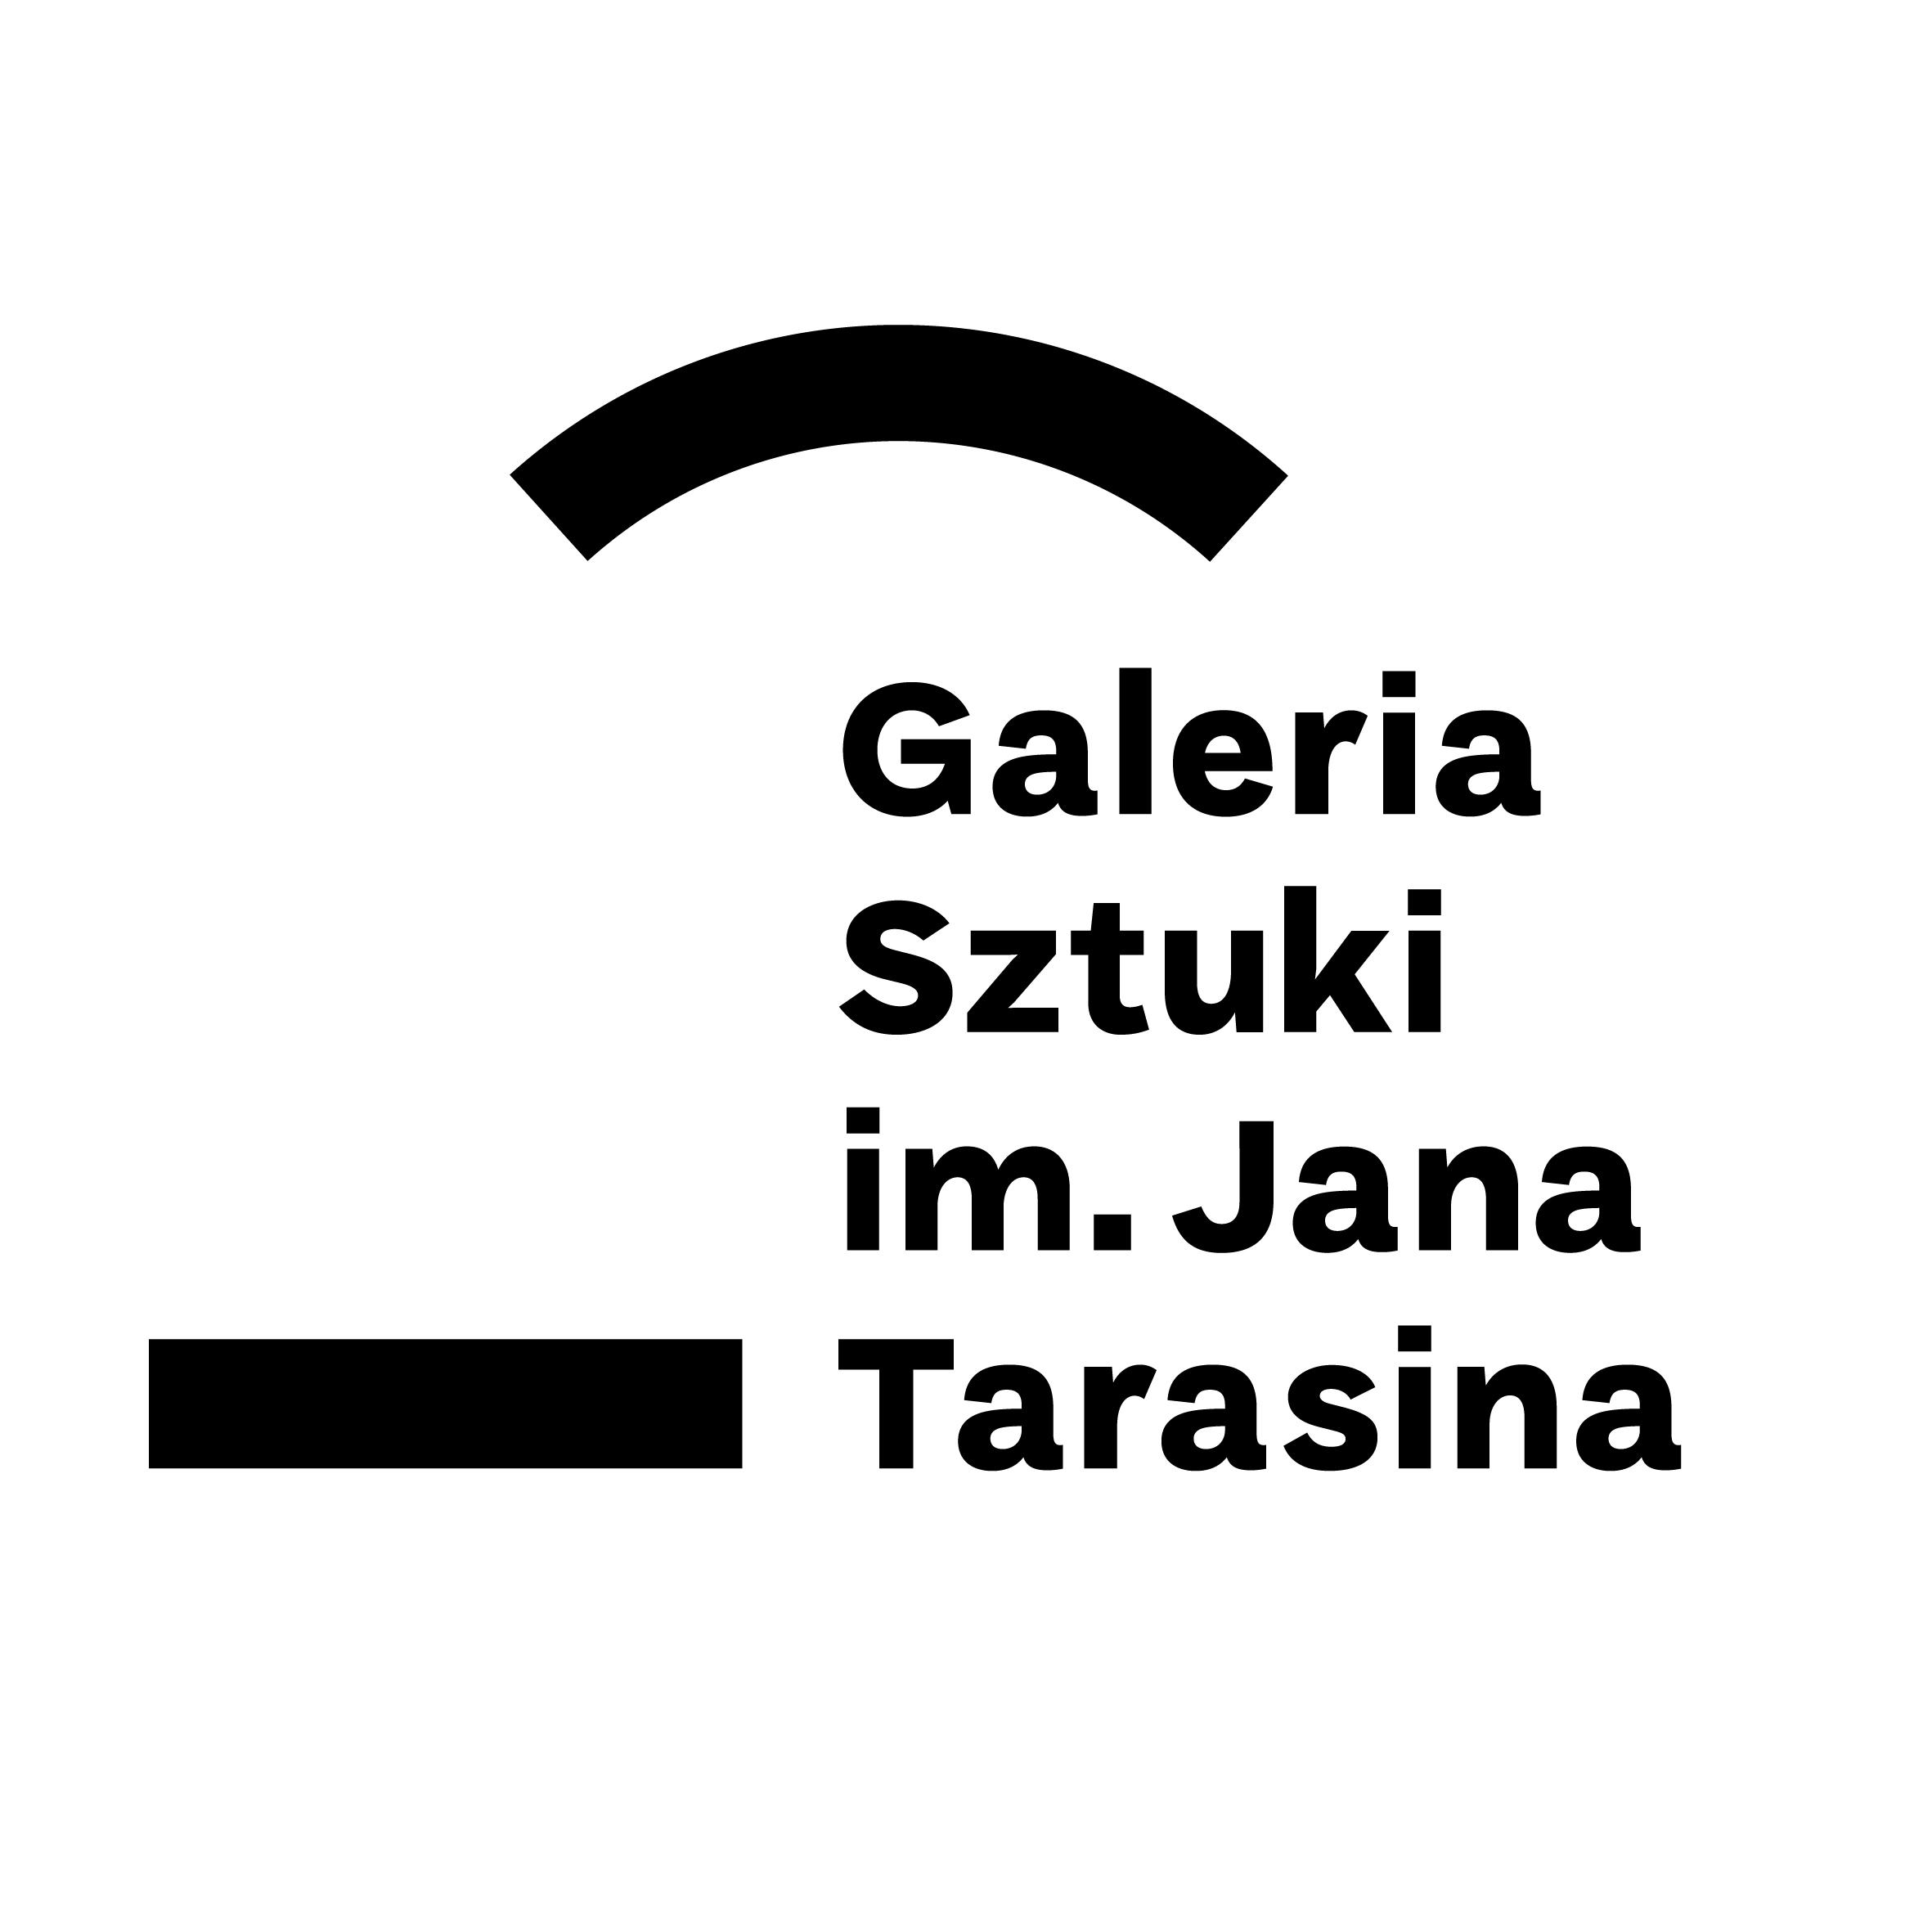 tarasin-logo-cmyk-01